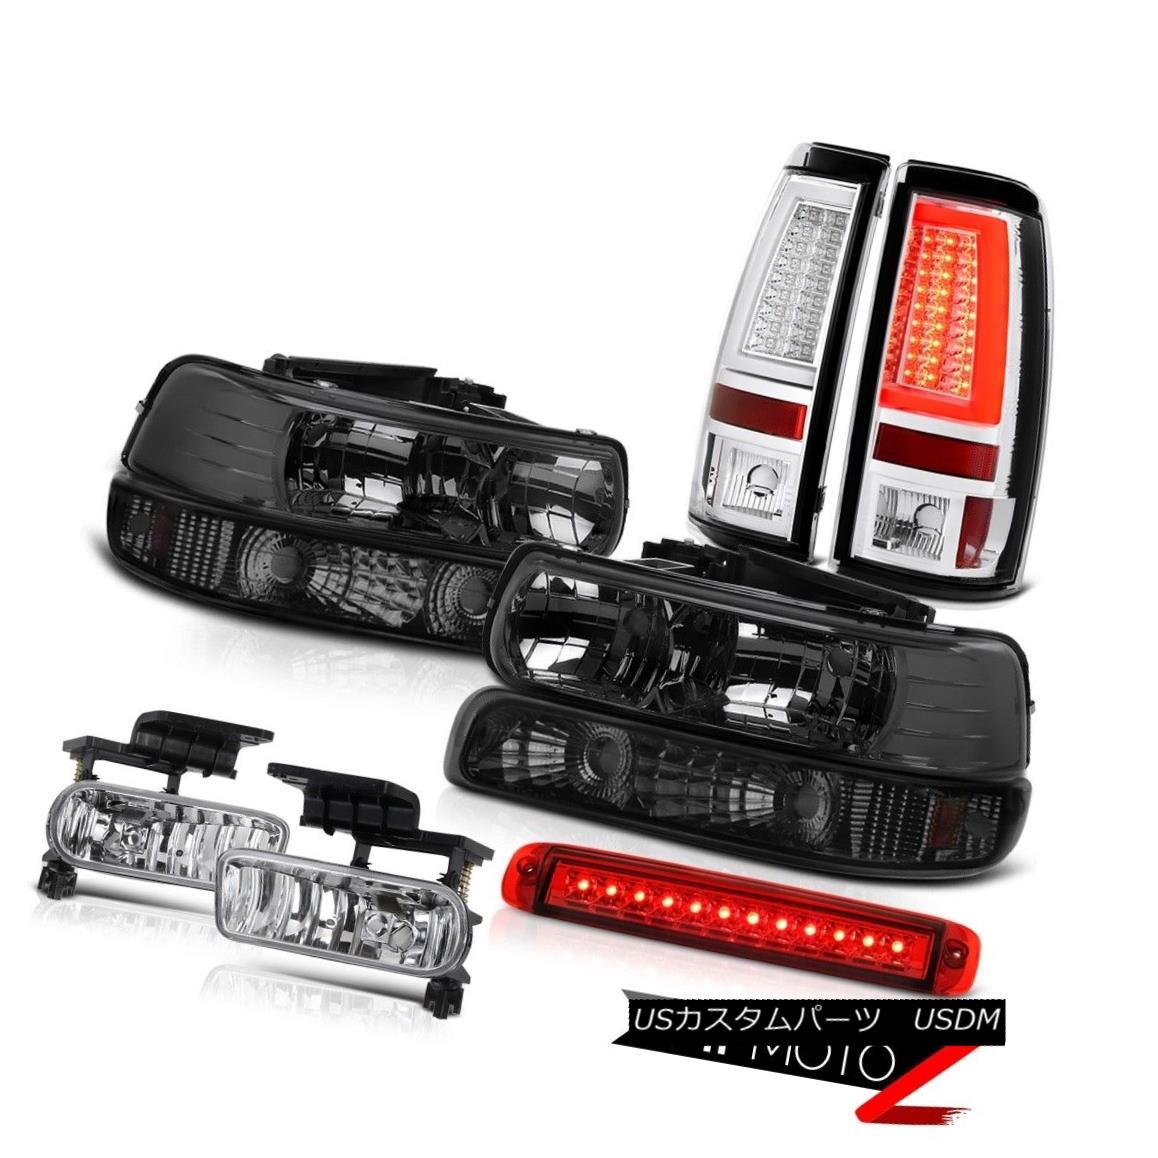 テールライト 99-02 Silverado 3500HD Taillamps 3rd Brake Lamp Bumper Headlamps Fog Lights LED 99-02 Silverado 3500HD Taillamps第3ブレーキランプバンパーヘッドランプフォグライトLED